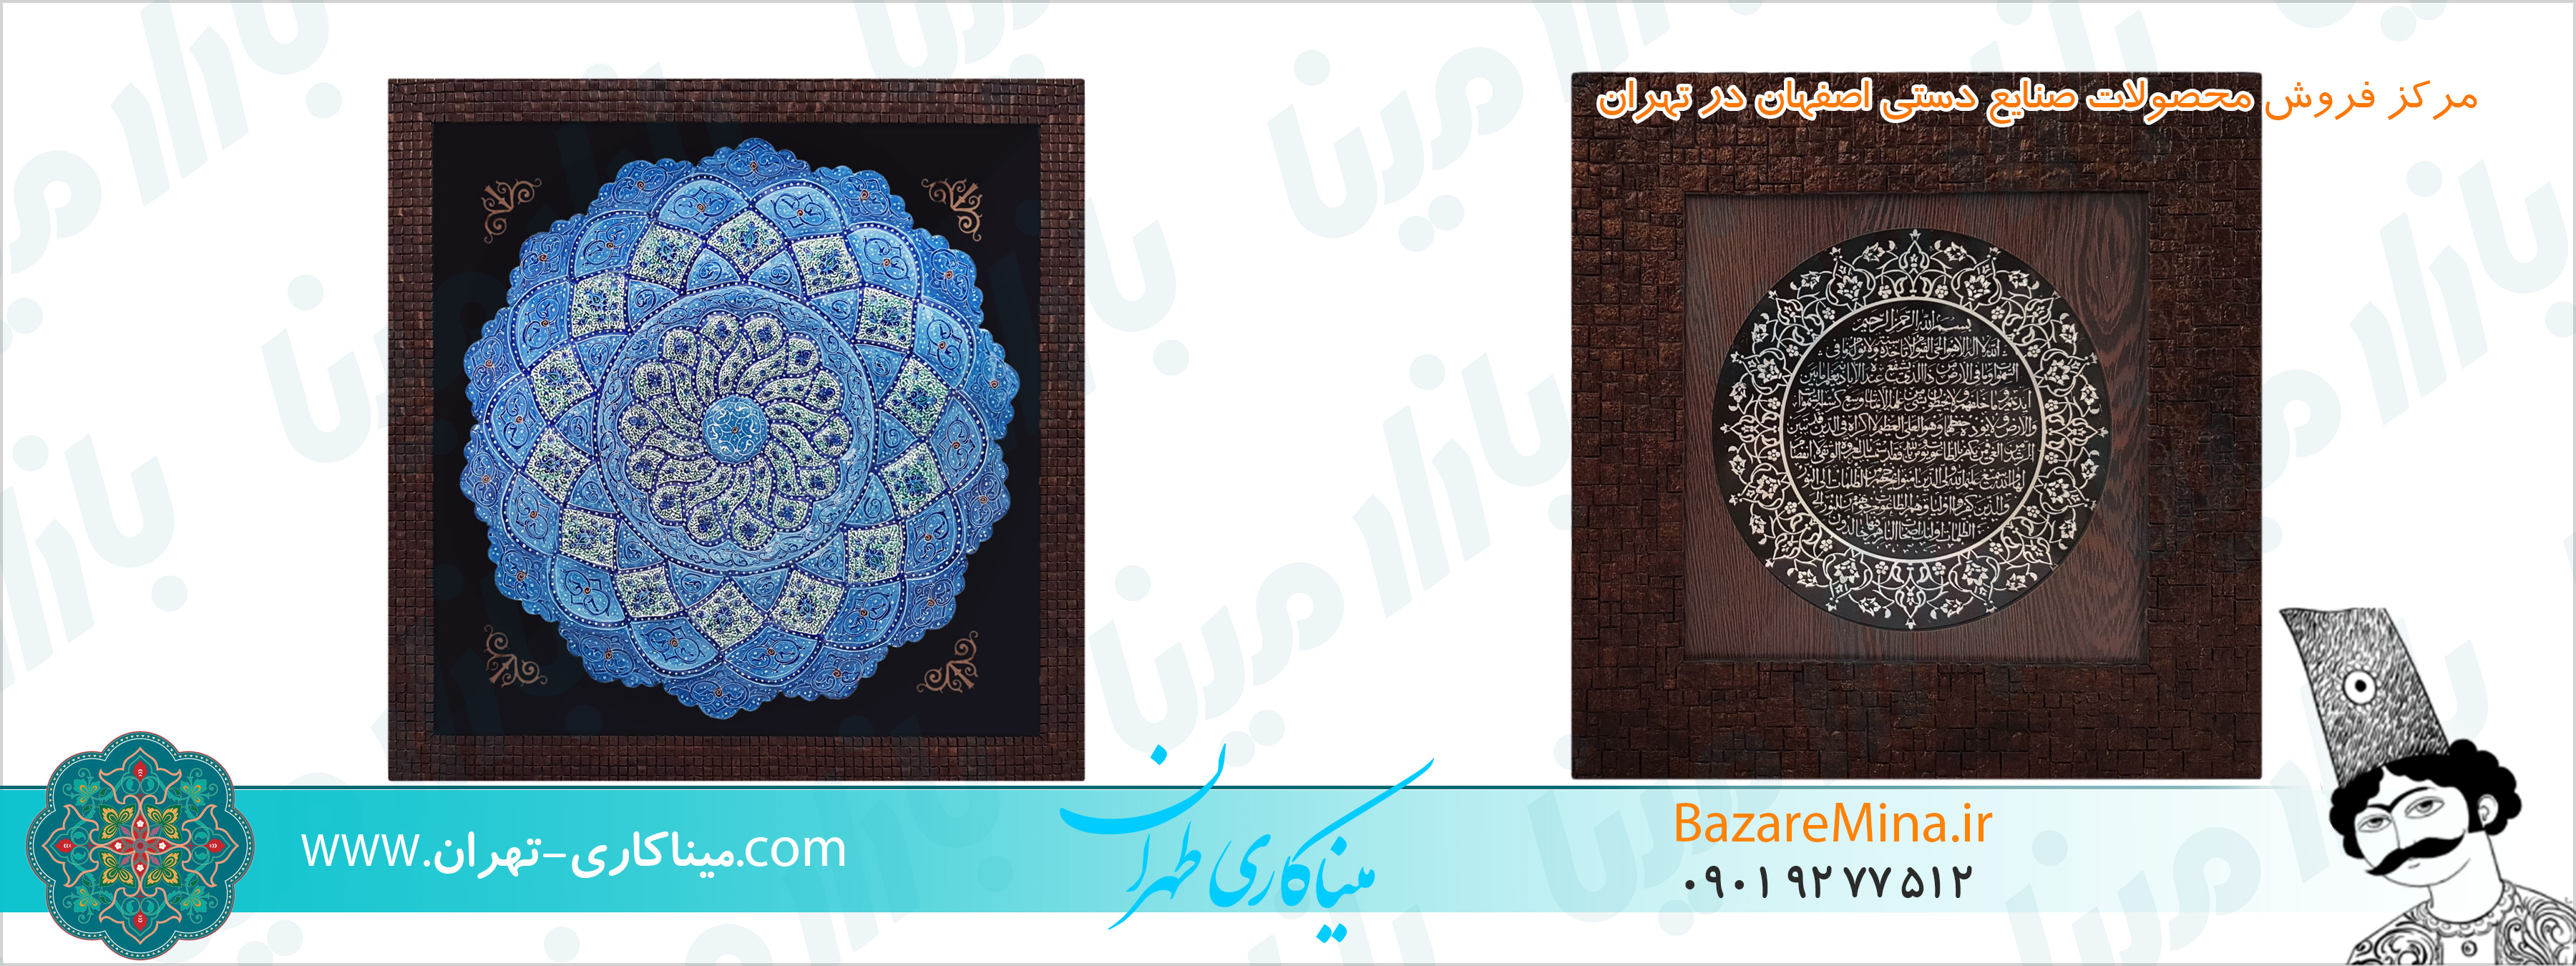 فروش صنایع دستی در تهران